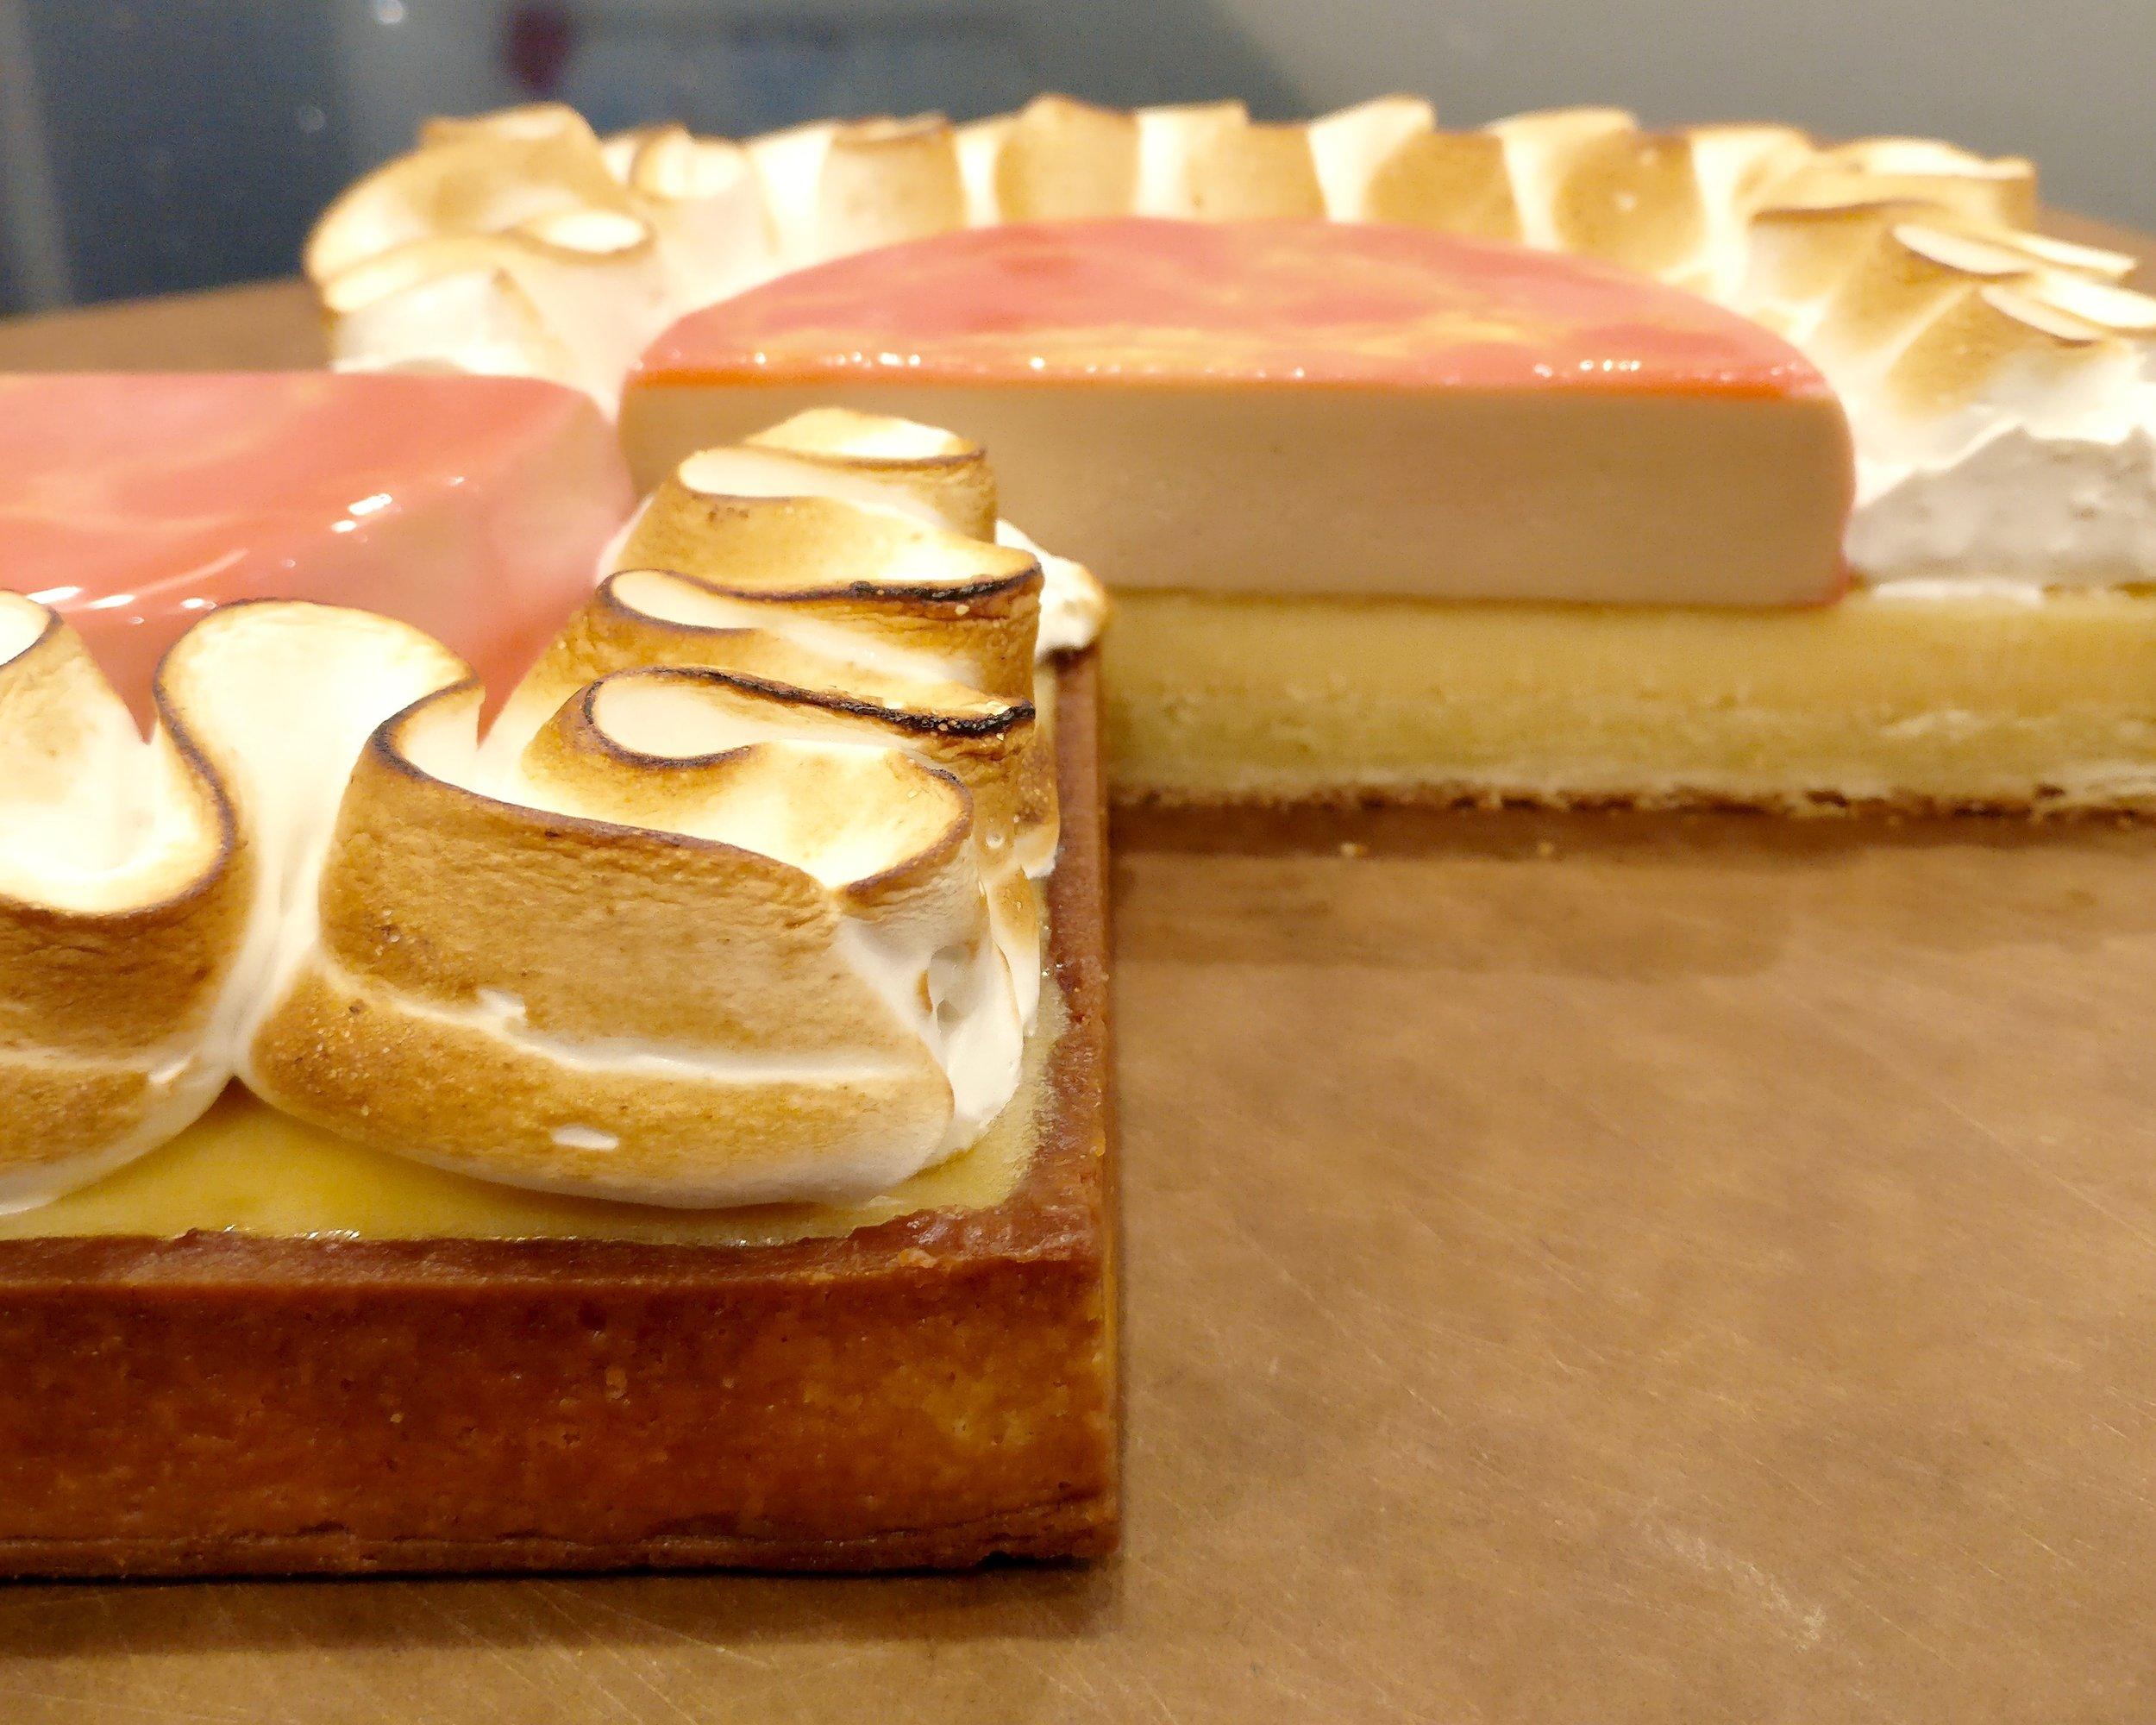 Lemon tea tart made by Gusta Cooking Studio